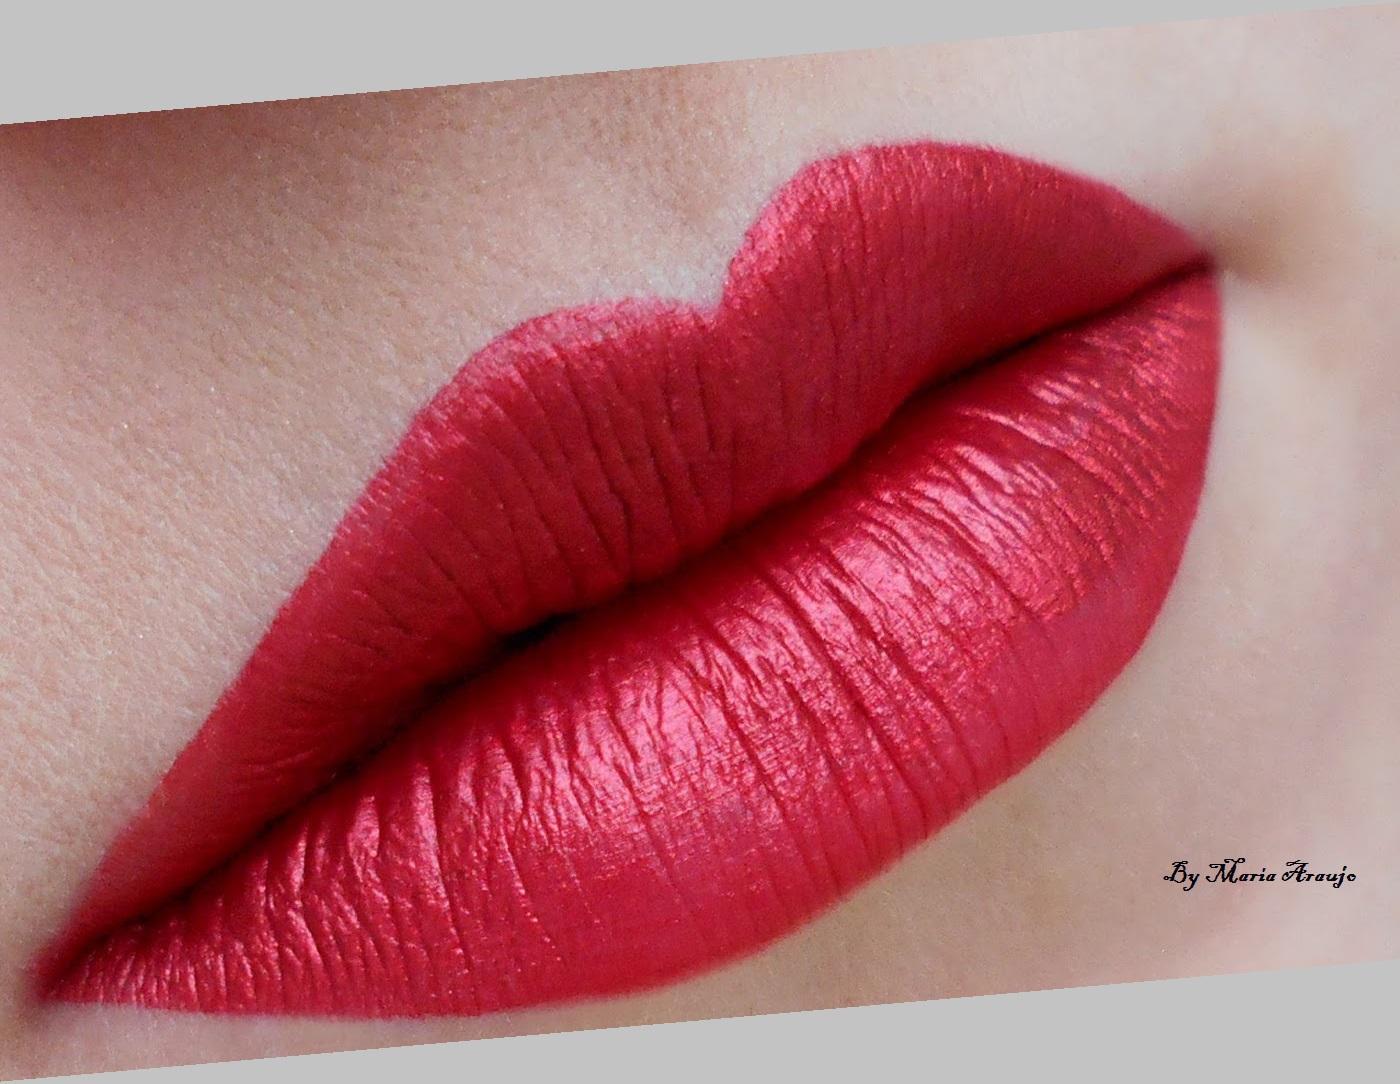 Baton metalizados  dazzle Hinode  Beleza na atitude  Lançamento maquiagem maquiador(a)